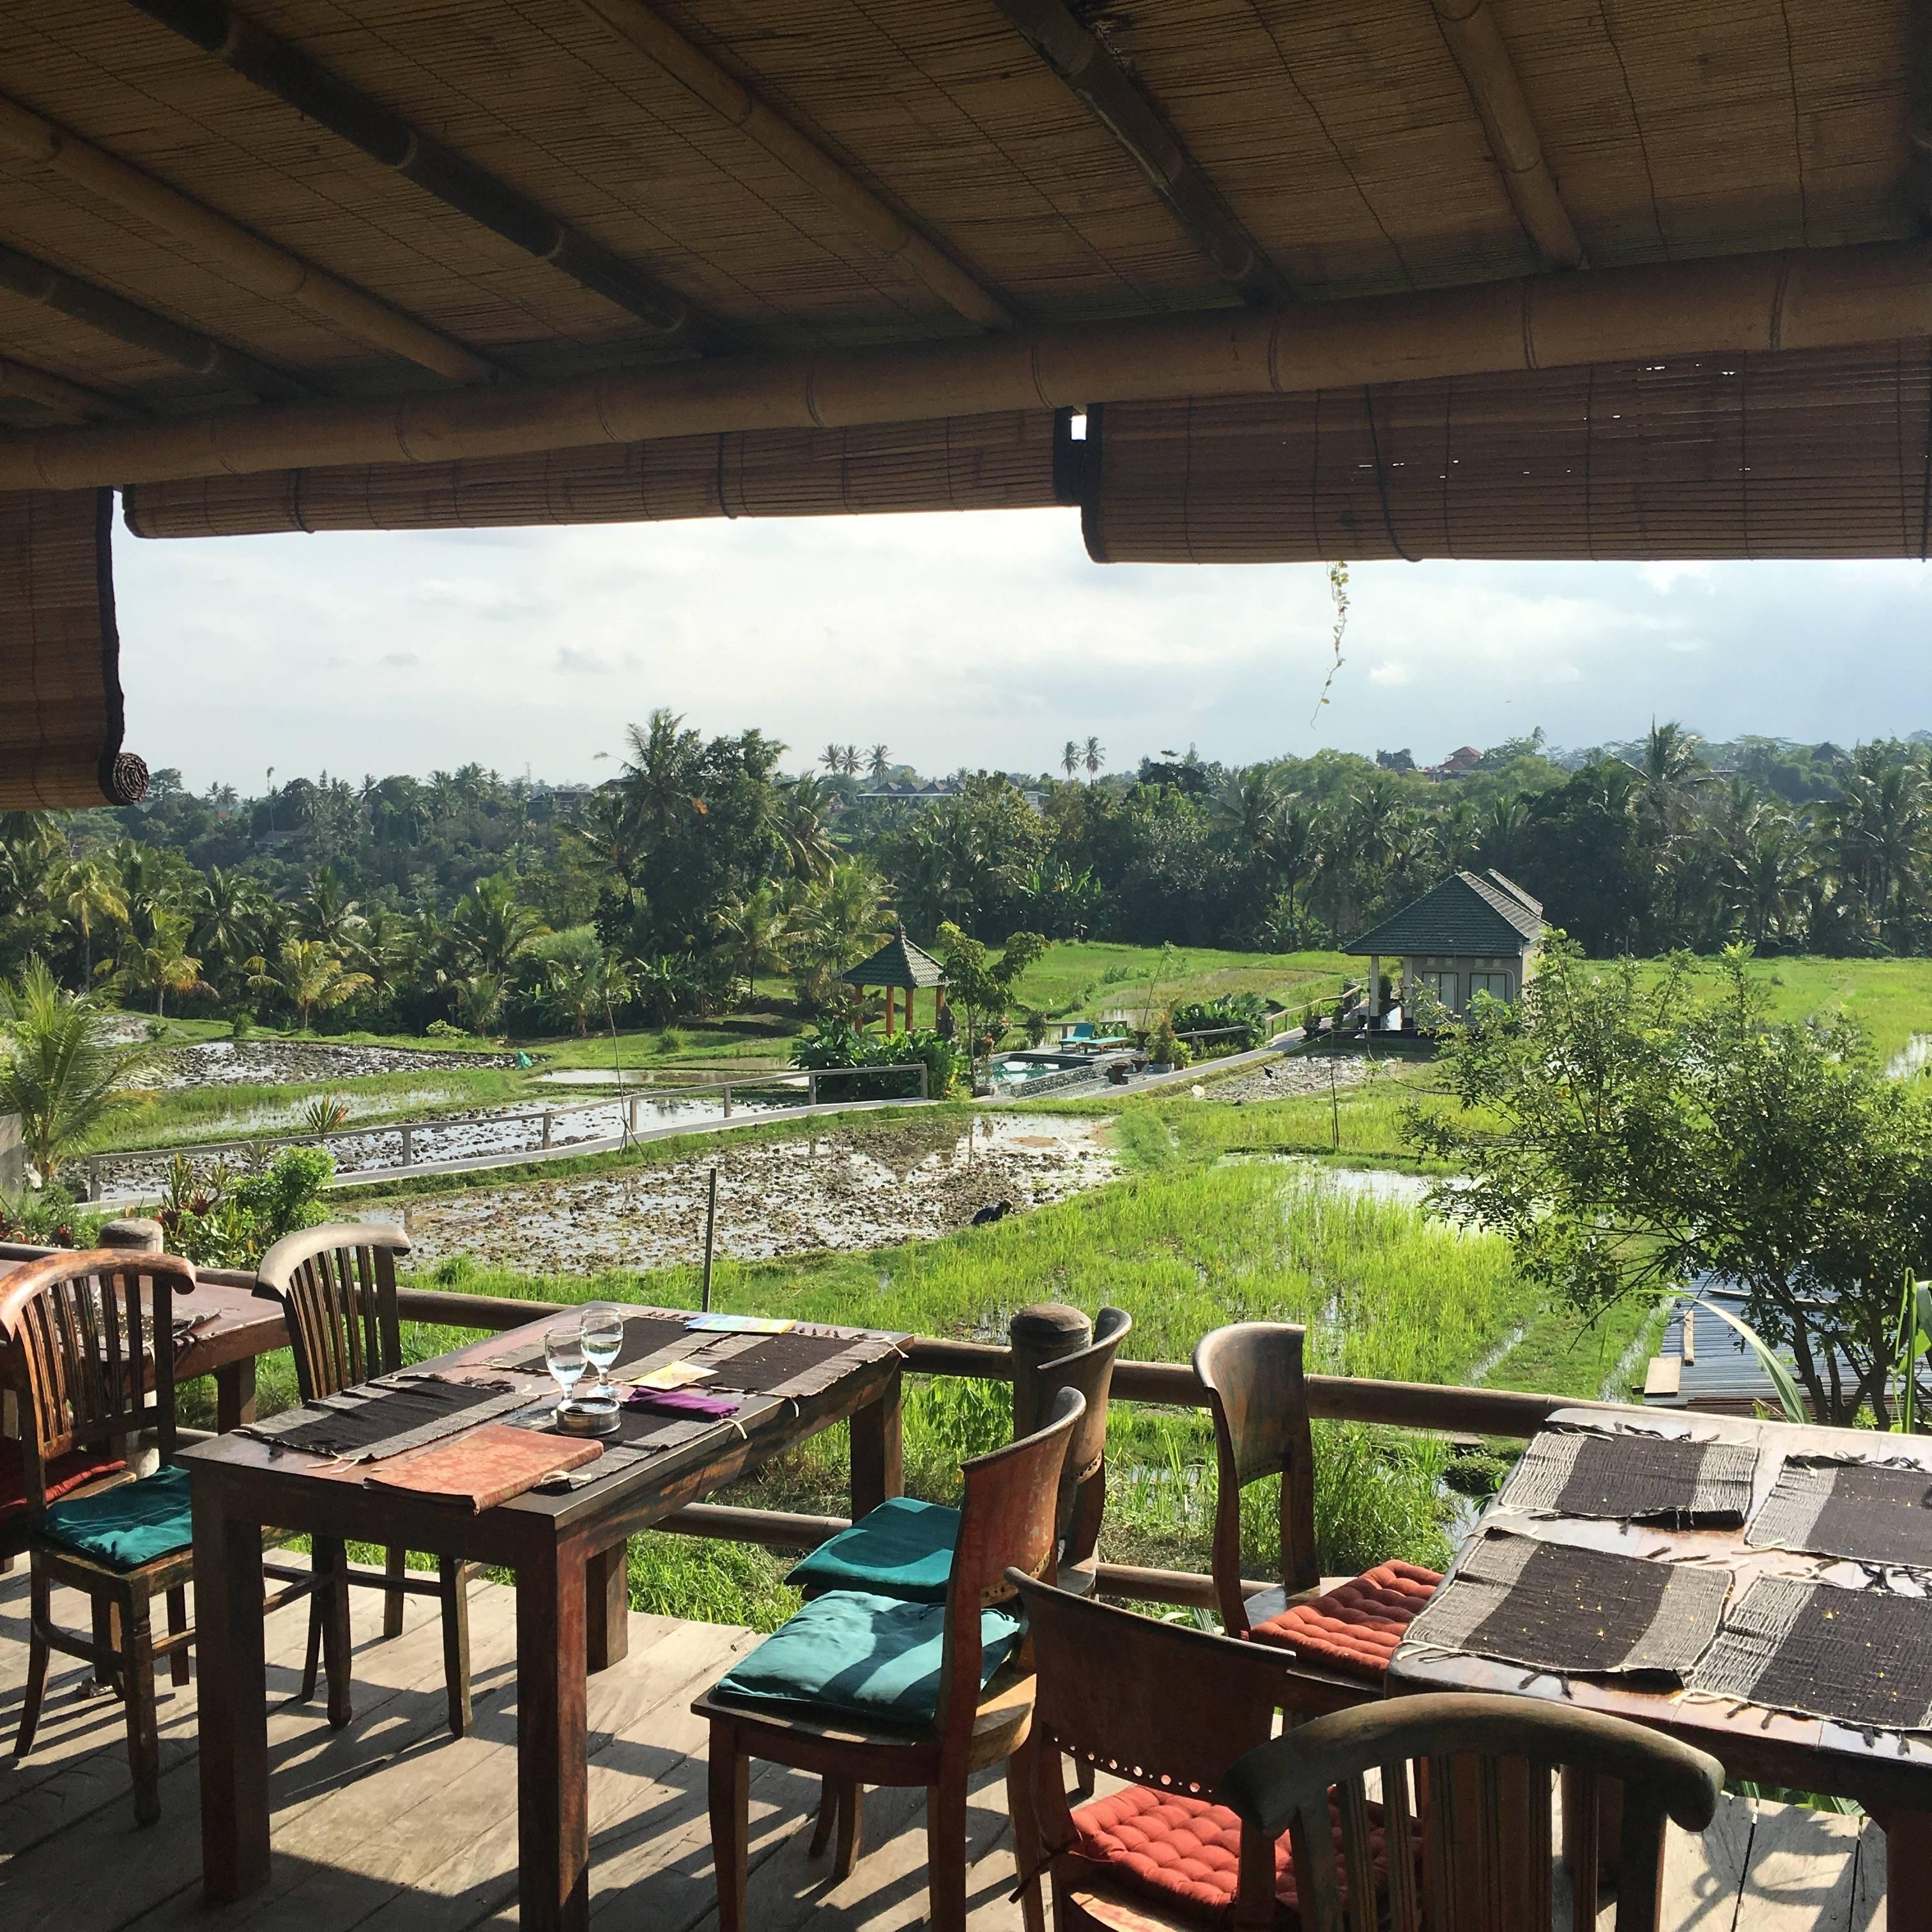 Photo 1: Ubud - Sari Organik, ou comment se perdre au milieu des rizières